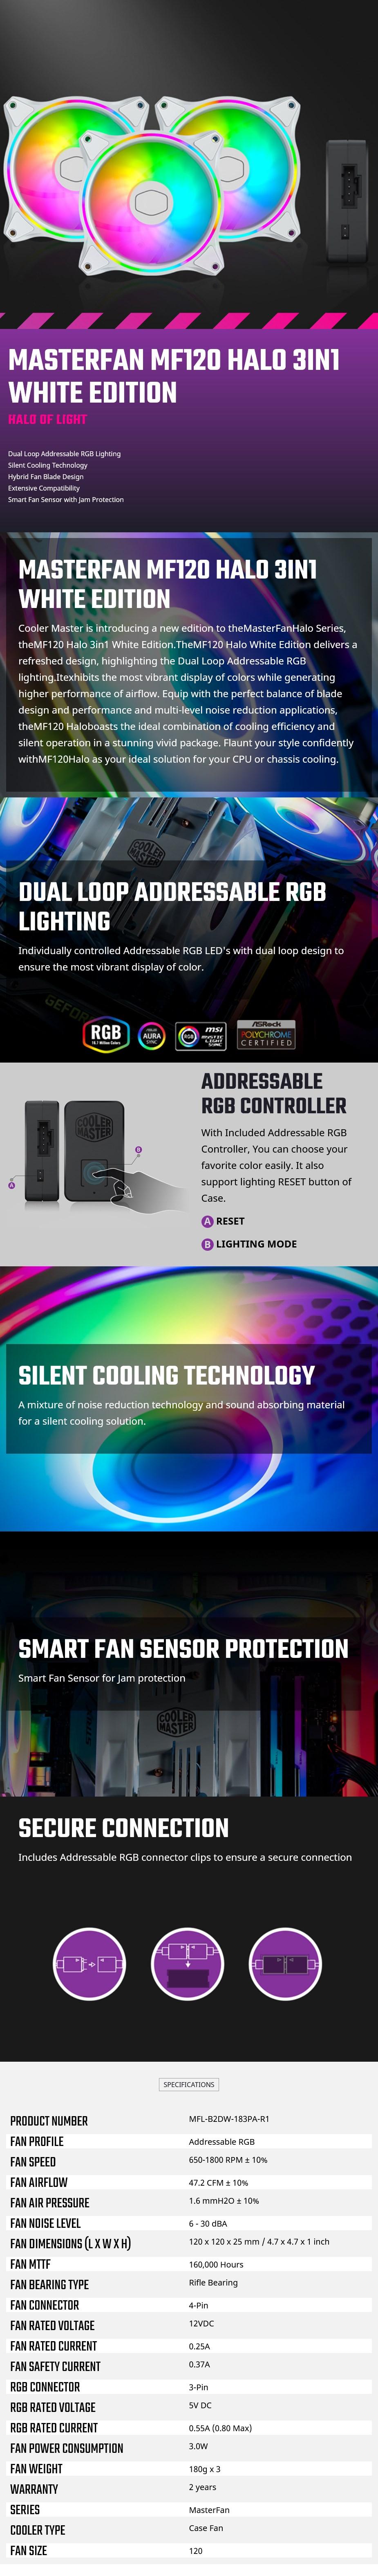 cooler-master-masterfan-mf120-halo-argb-120mm-fan-3-pack-ac43482-1.jpg